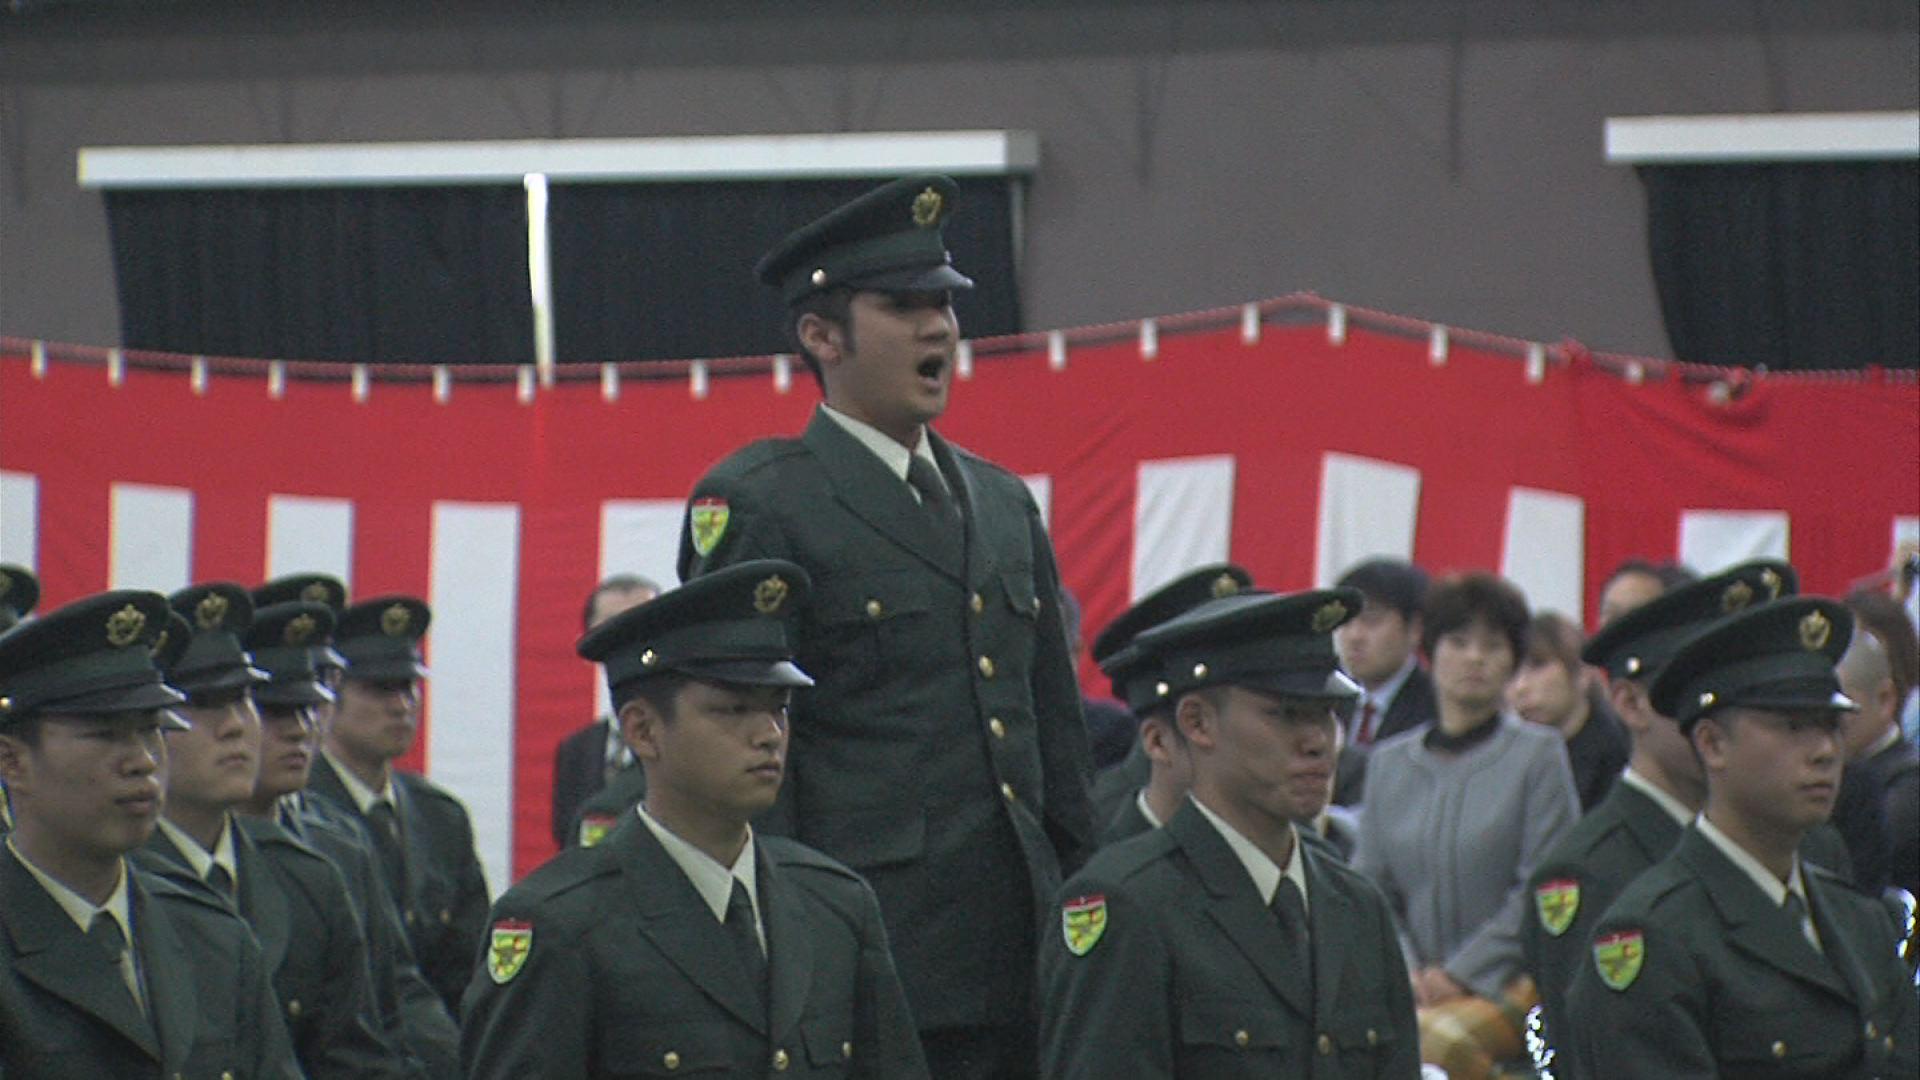 合格 自衛 官 発表 生 候補